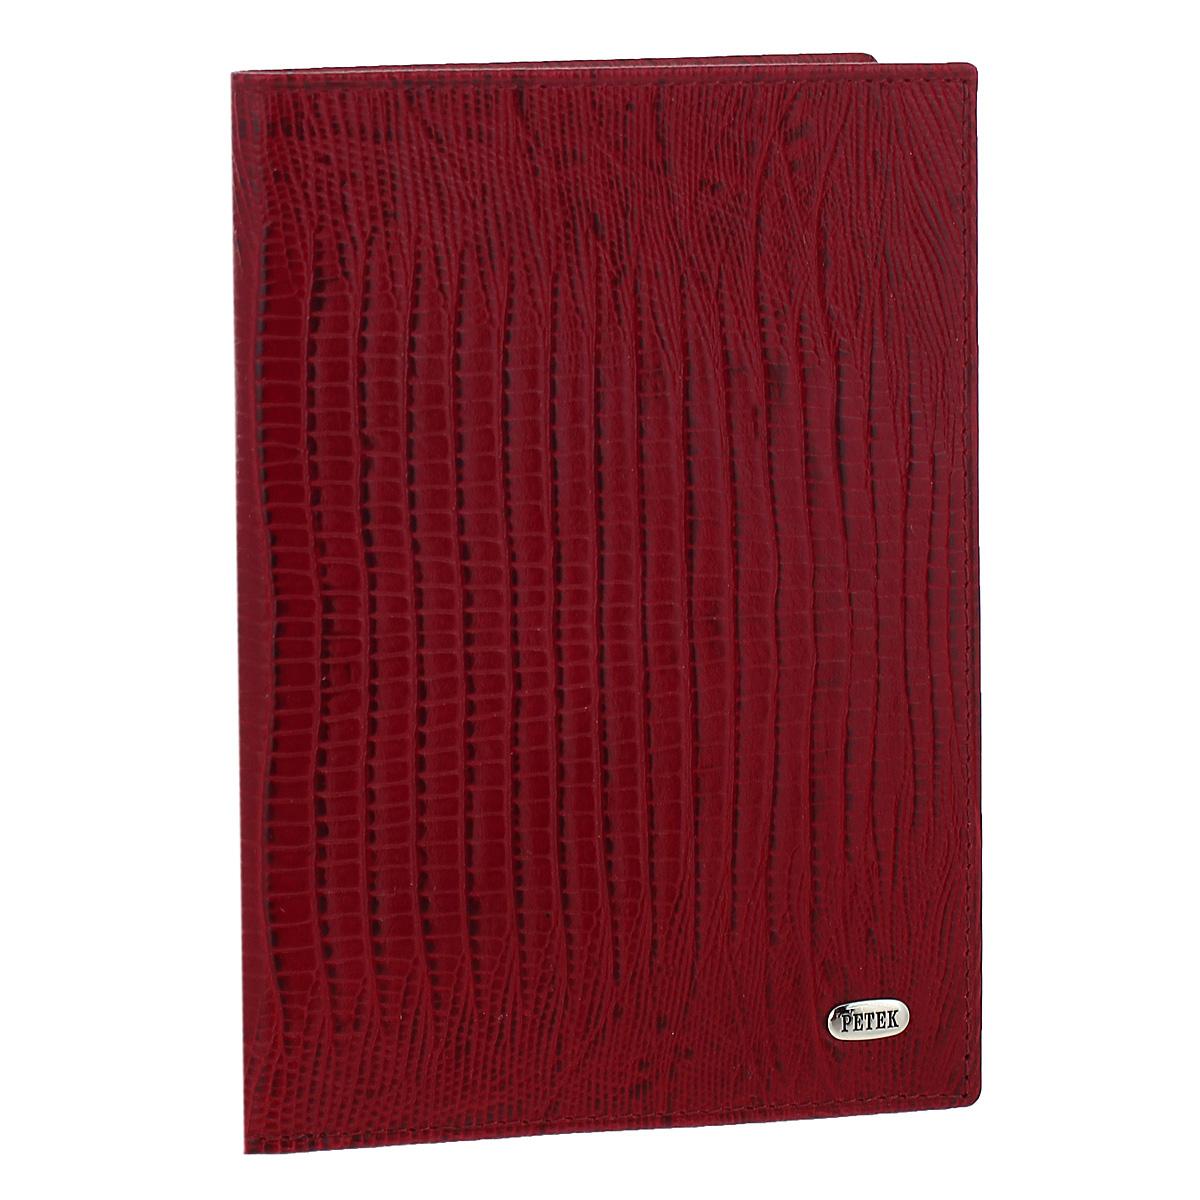 Обложка для паспорта Red, цвет: красный. 651.041.10651.041.10 RedОбложка для паспорта Red выполнена из натуральной лаковой кожи с декоративным тиснением под крокодила. На внутреннем развороте расположено два вертикальных кармана, два кармана с «окошками» из прозрачного пластика, два кармашка для пластиковых карт и один кармашек для бумаг. Обложка не только поможет сохранить внешний вид ваших документов и защитит их от повреждений, но и станет ярким аксессуаром, который подчеркнет ваш образ. Обложка упакована в фирменную картонную коробку. Характеристики: Материал: натуральная кожа, текстиль, пластик. Размер обложки: 9,5 см х 13,5 см х 1,5 см. Цвет: красный.